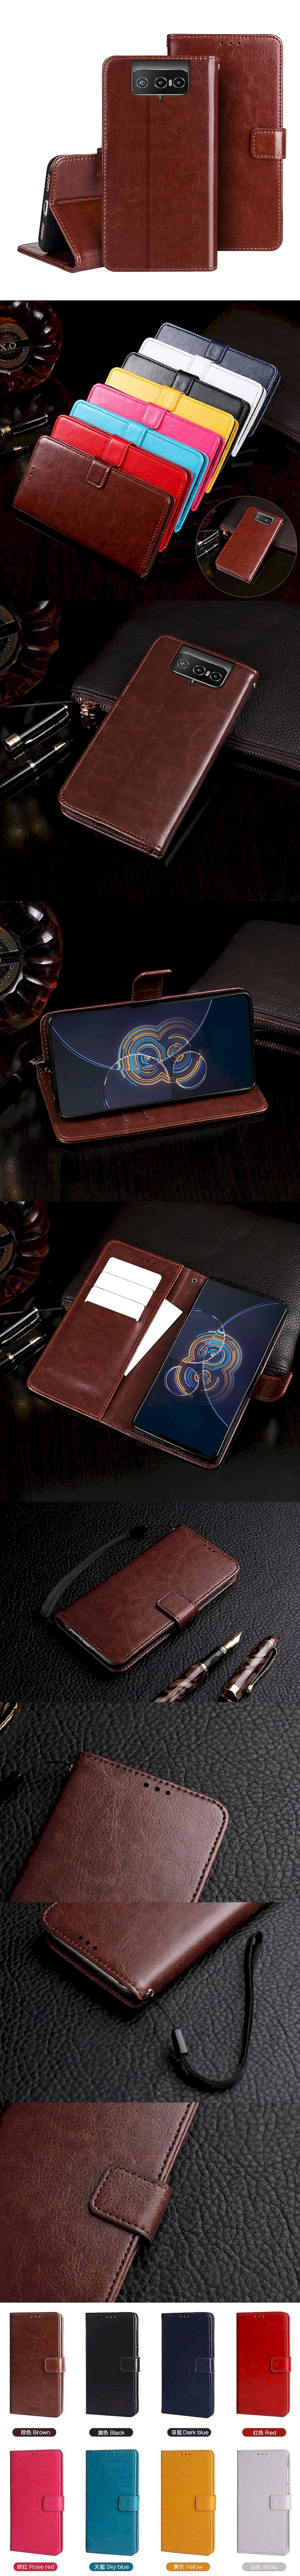 ASUS ZenFone 8 Flip 皮革保護套(BUCKLE) - 扣帶左右翻蓋皮套手機套